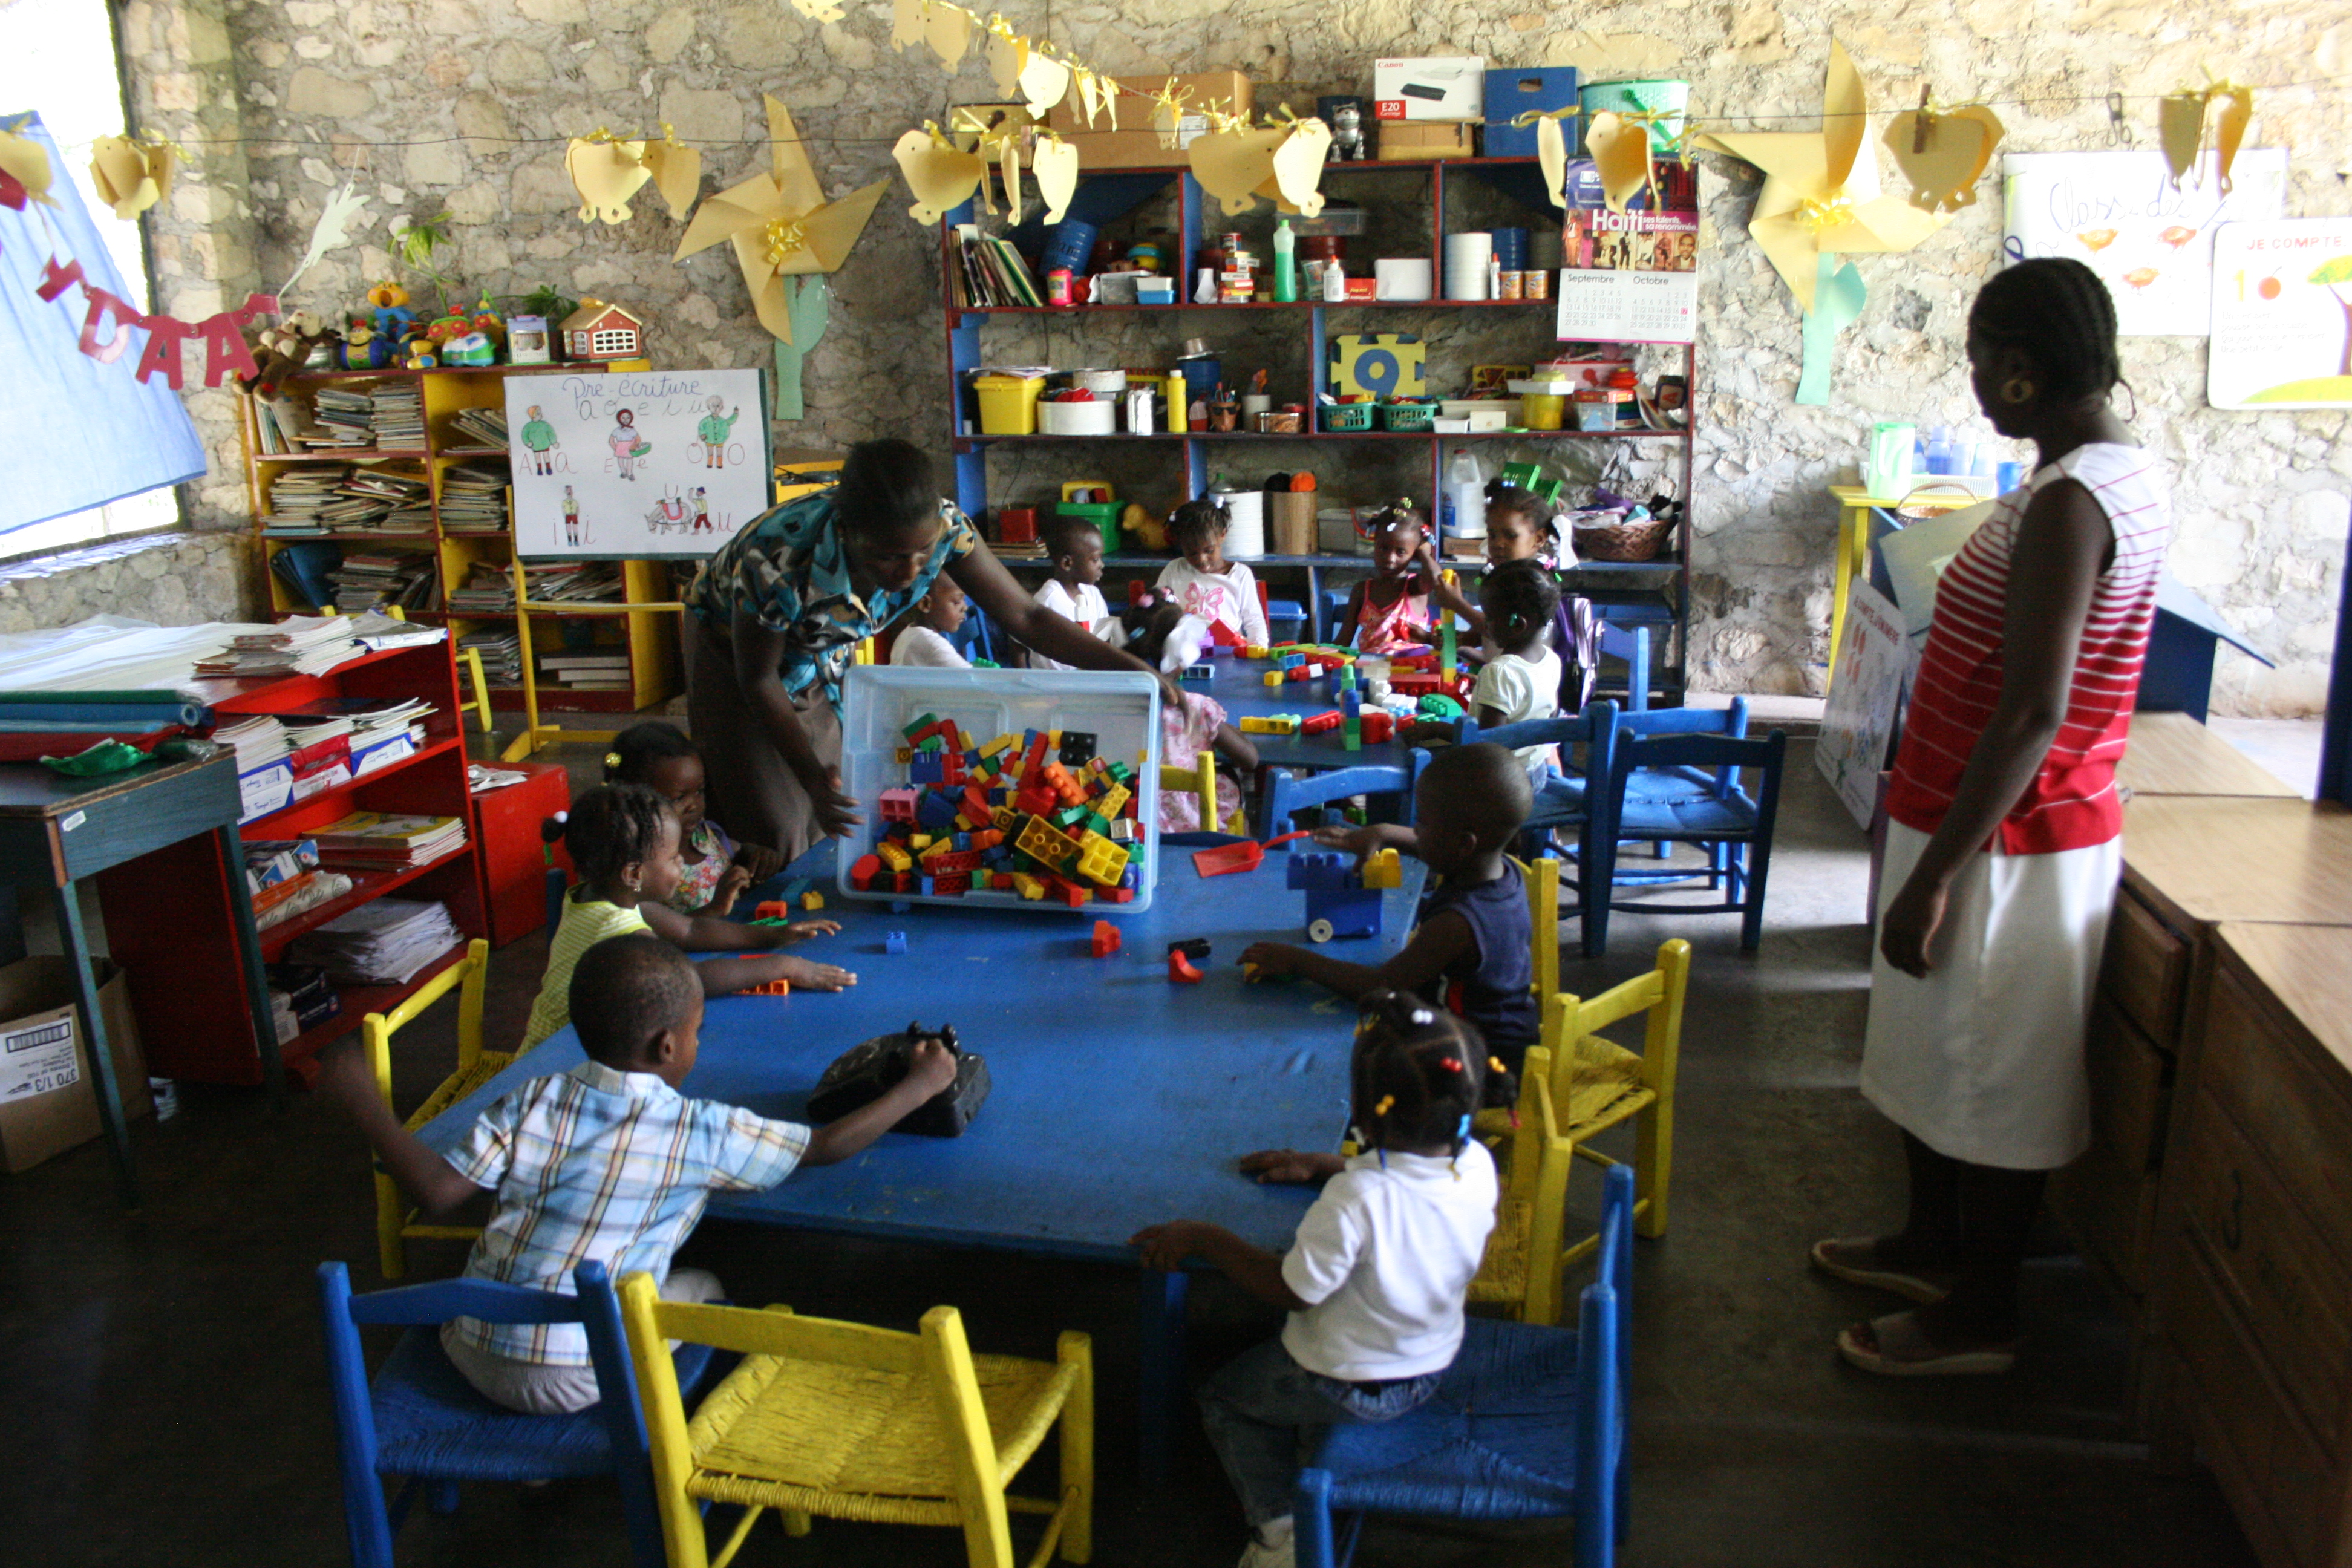 Ecole Flamboyant - Primary school